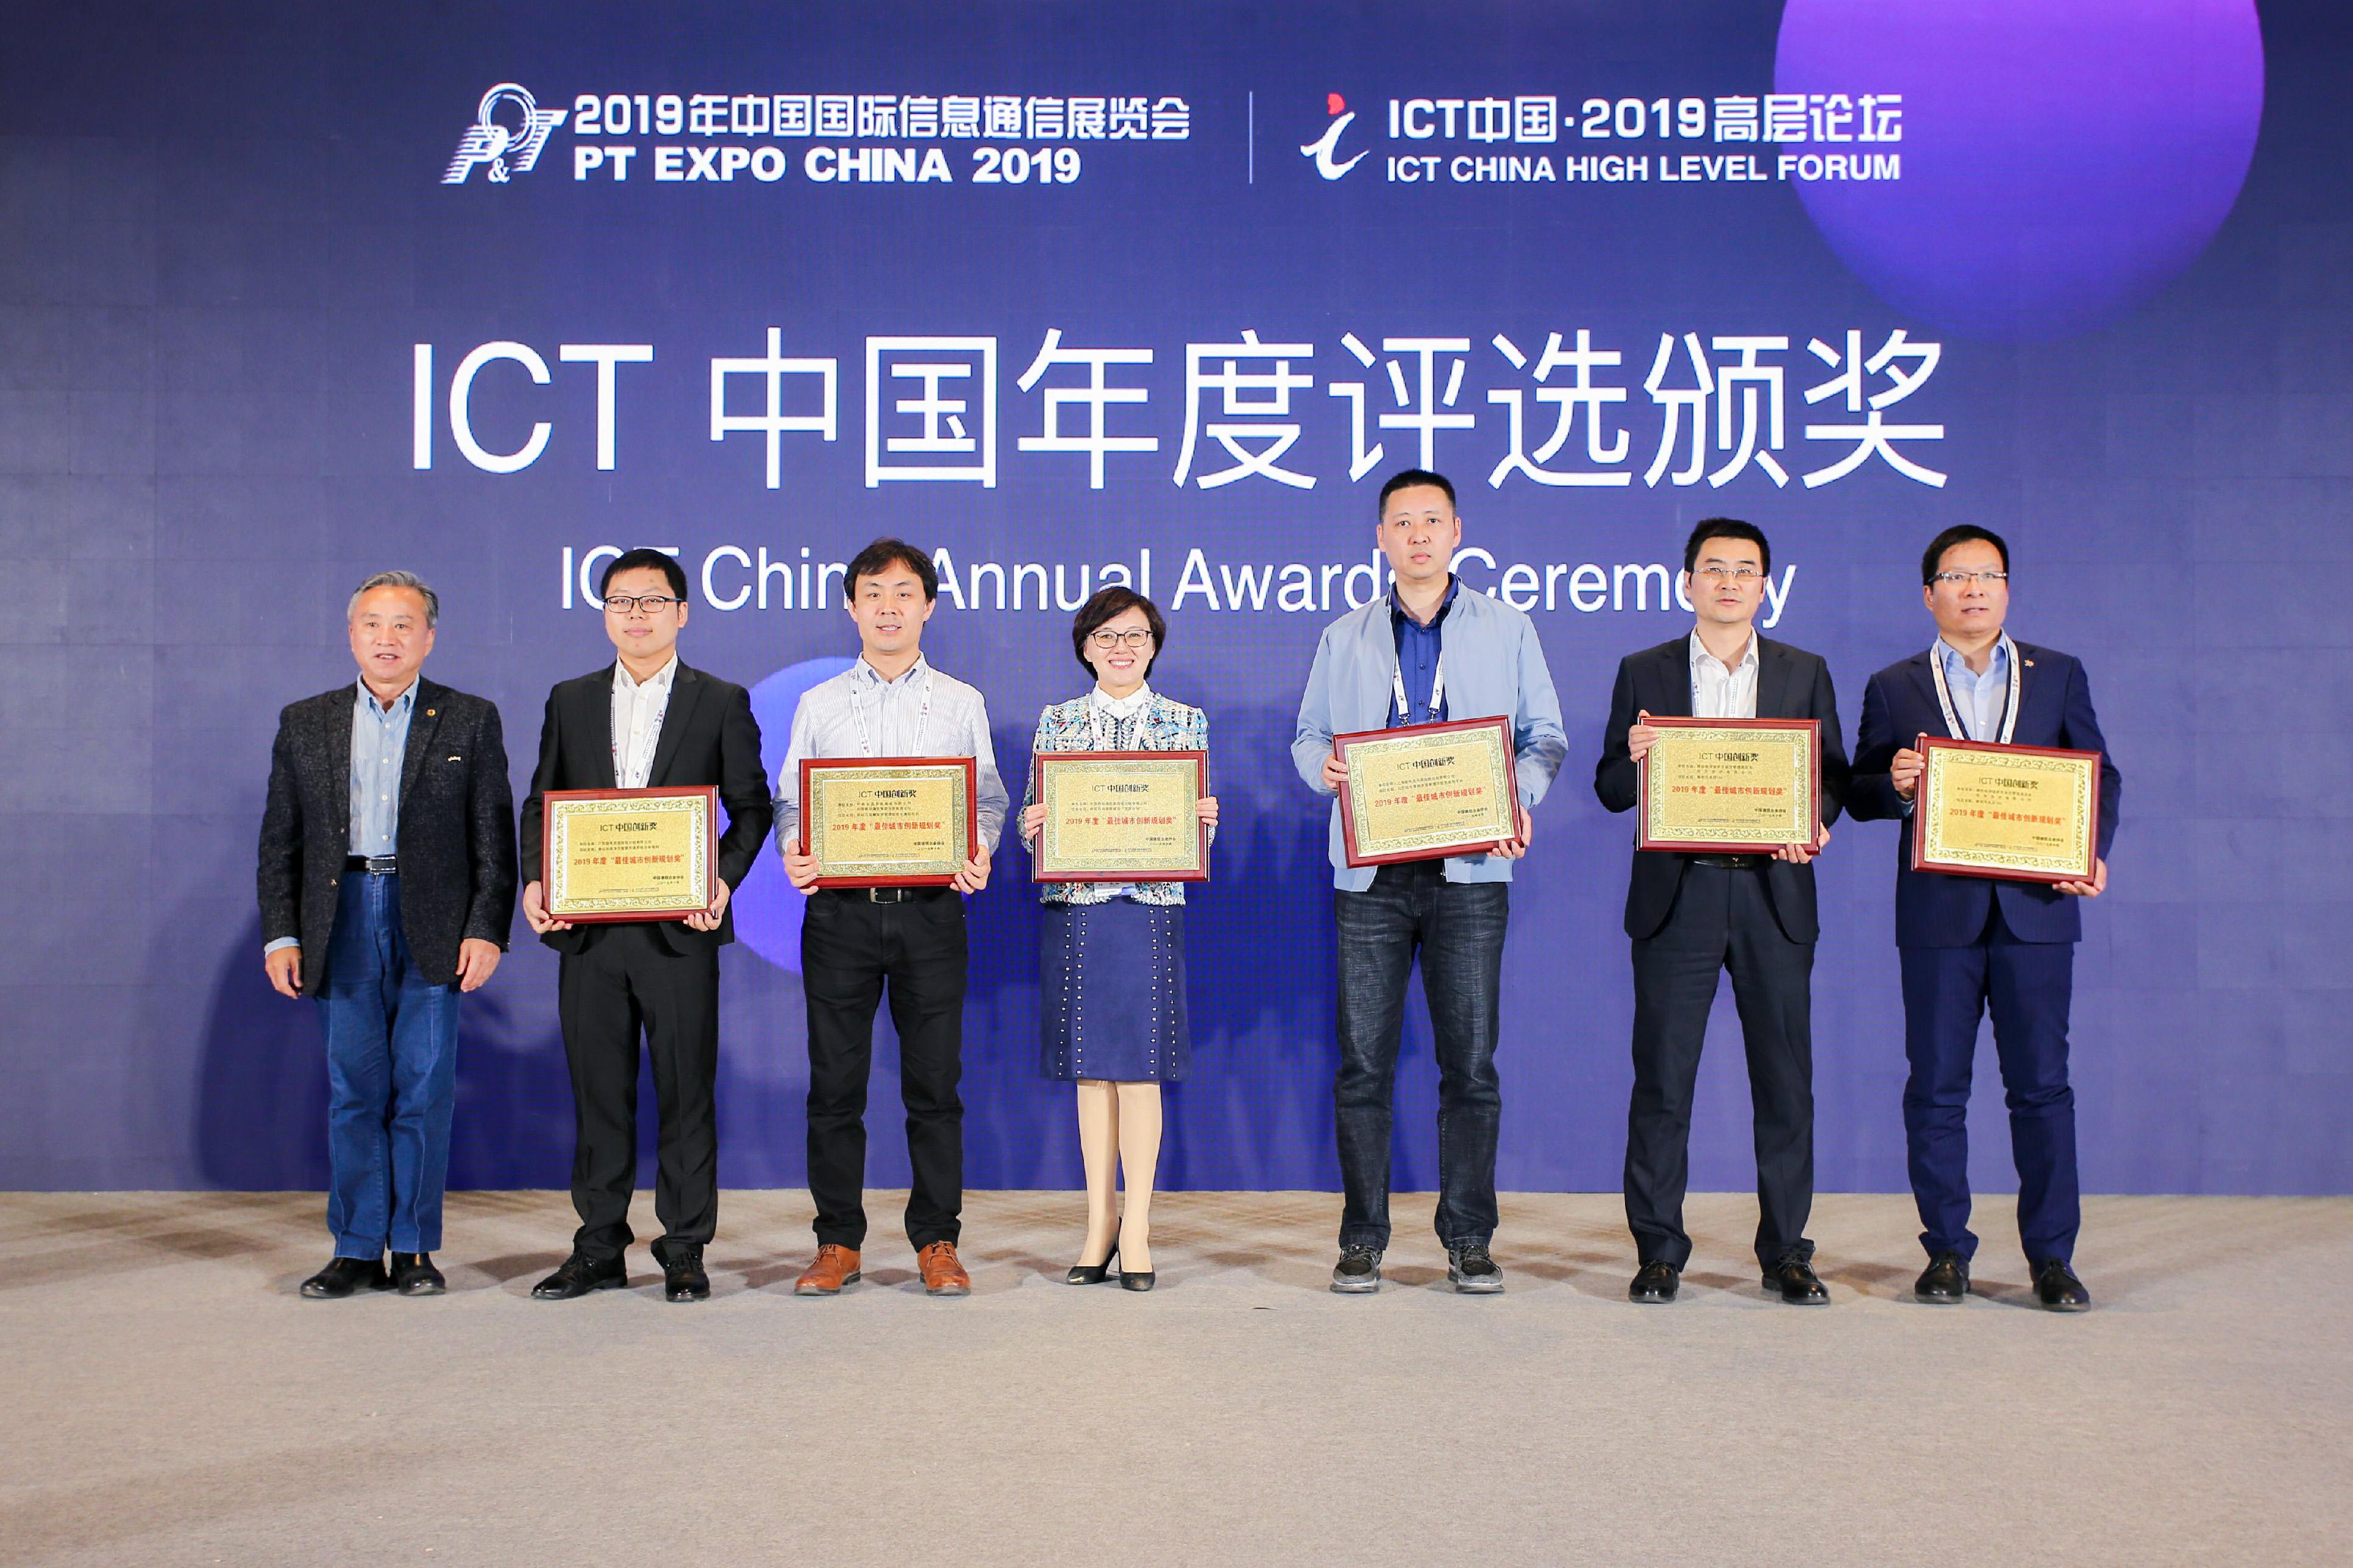 寻找ICT中国样本——ICT中国2020年度评选案例申报启动